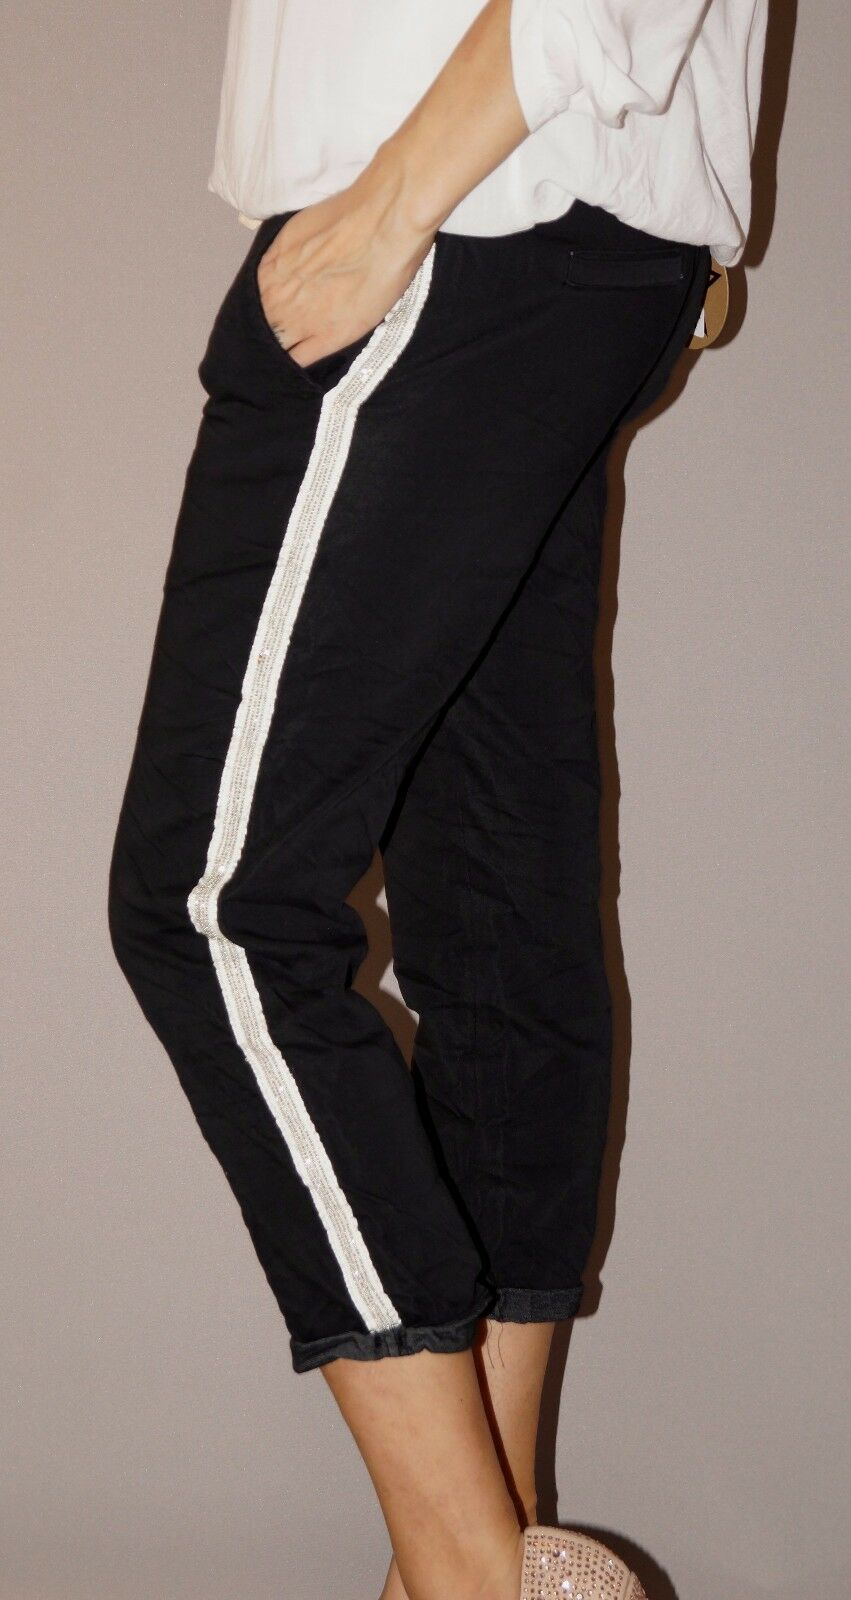 Jogging Jeans Capri Streifen Nieten 7 8 Länge Stretch S 36 Schwarz Must Have